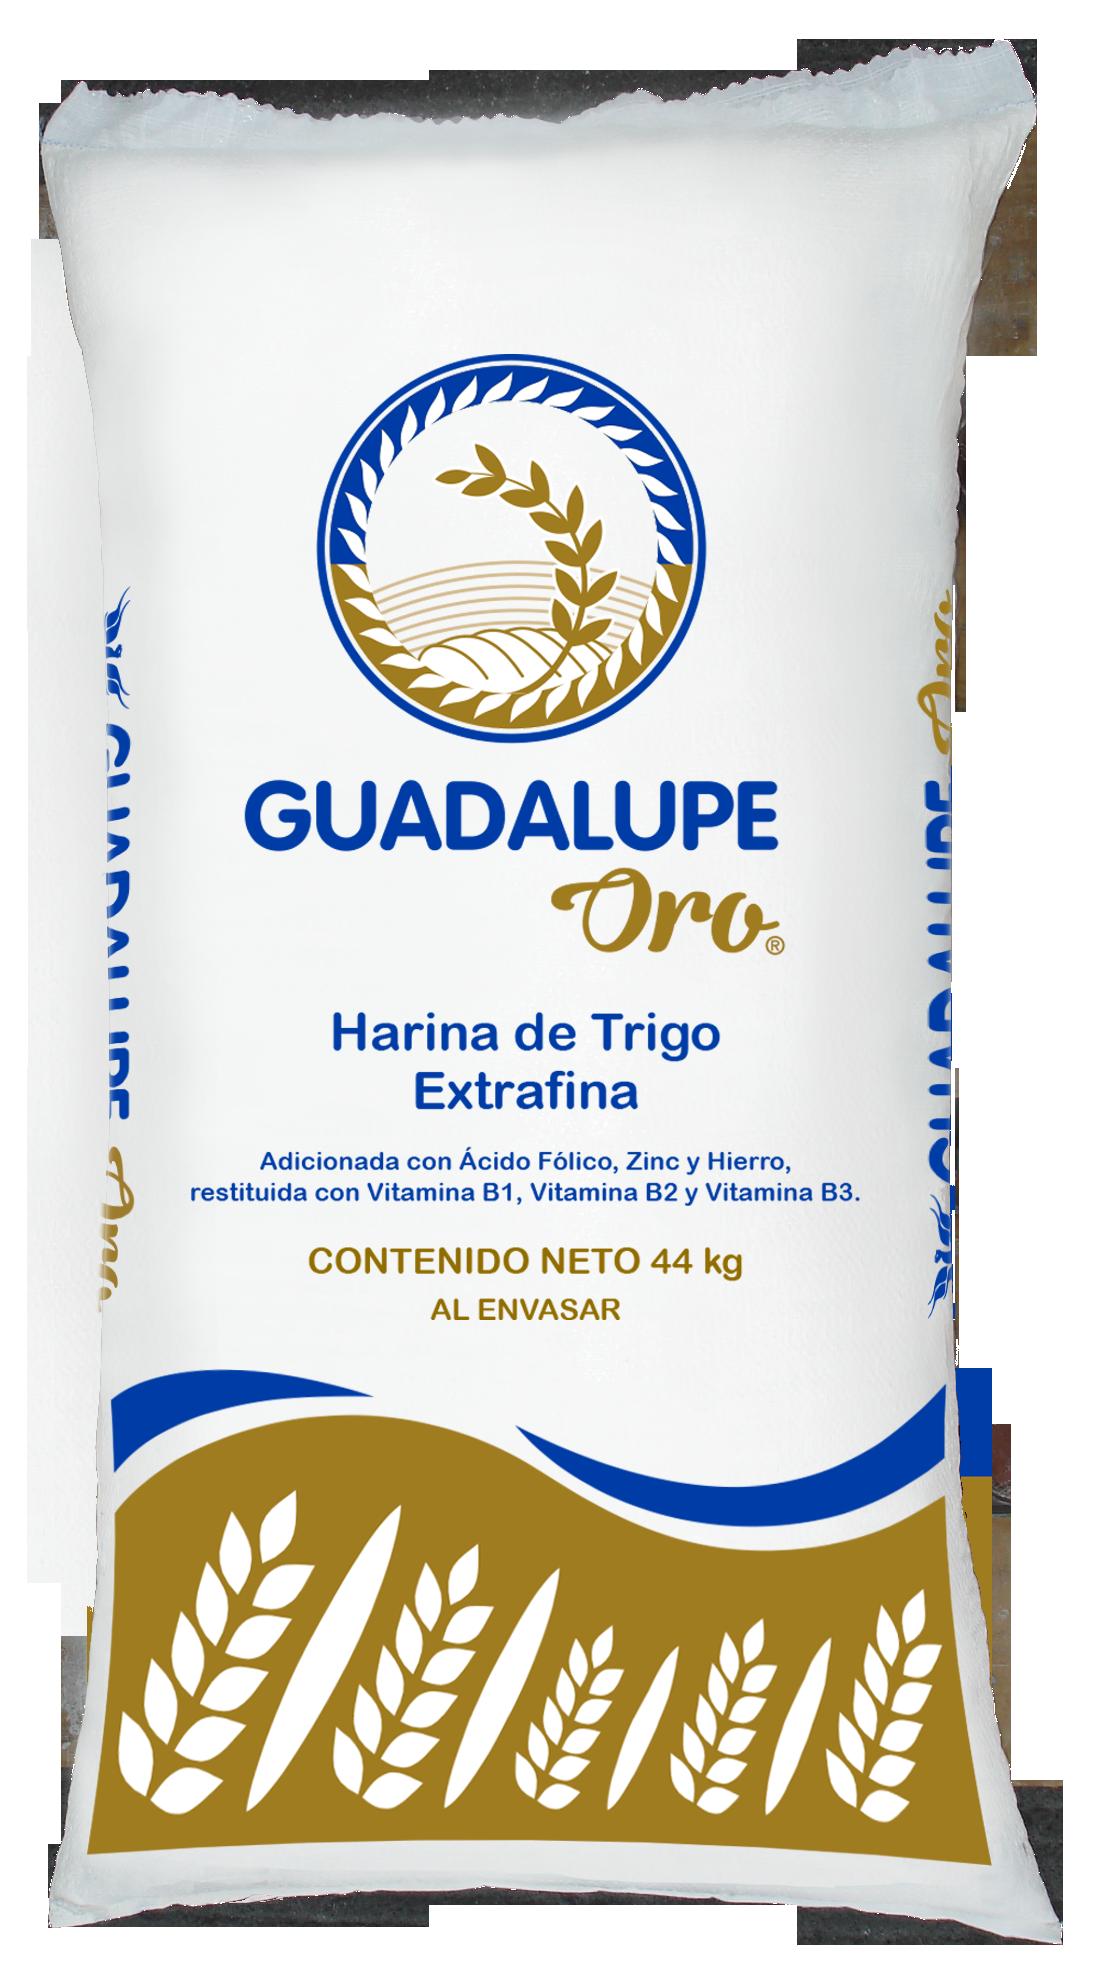 Harina de Trigo Guadalupe Oro